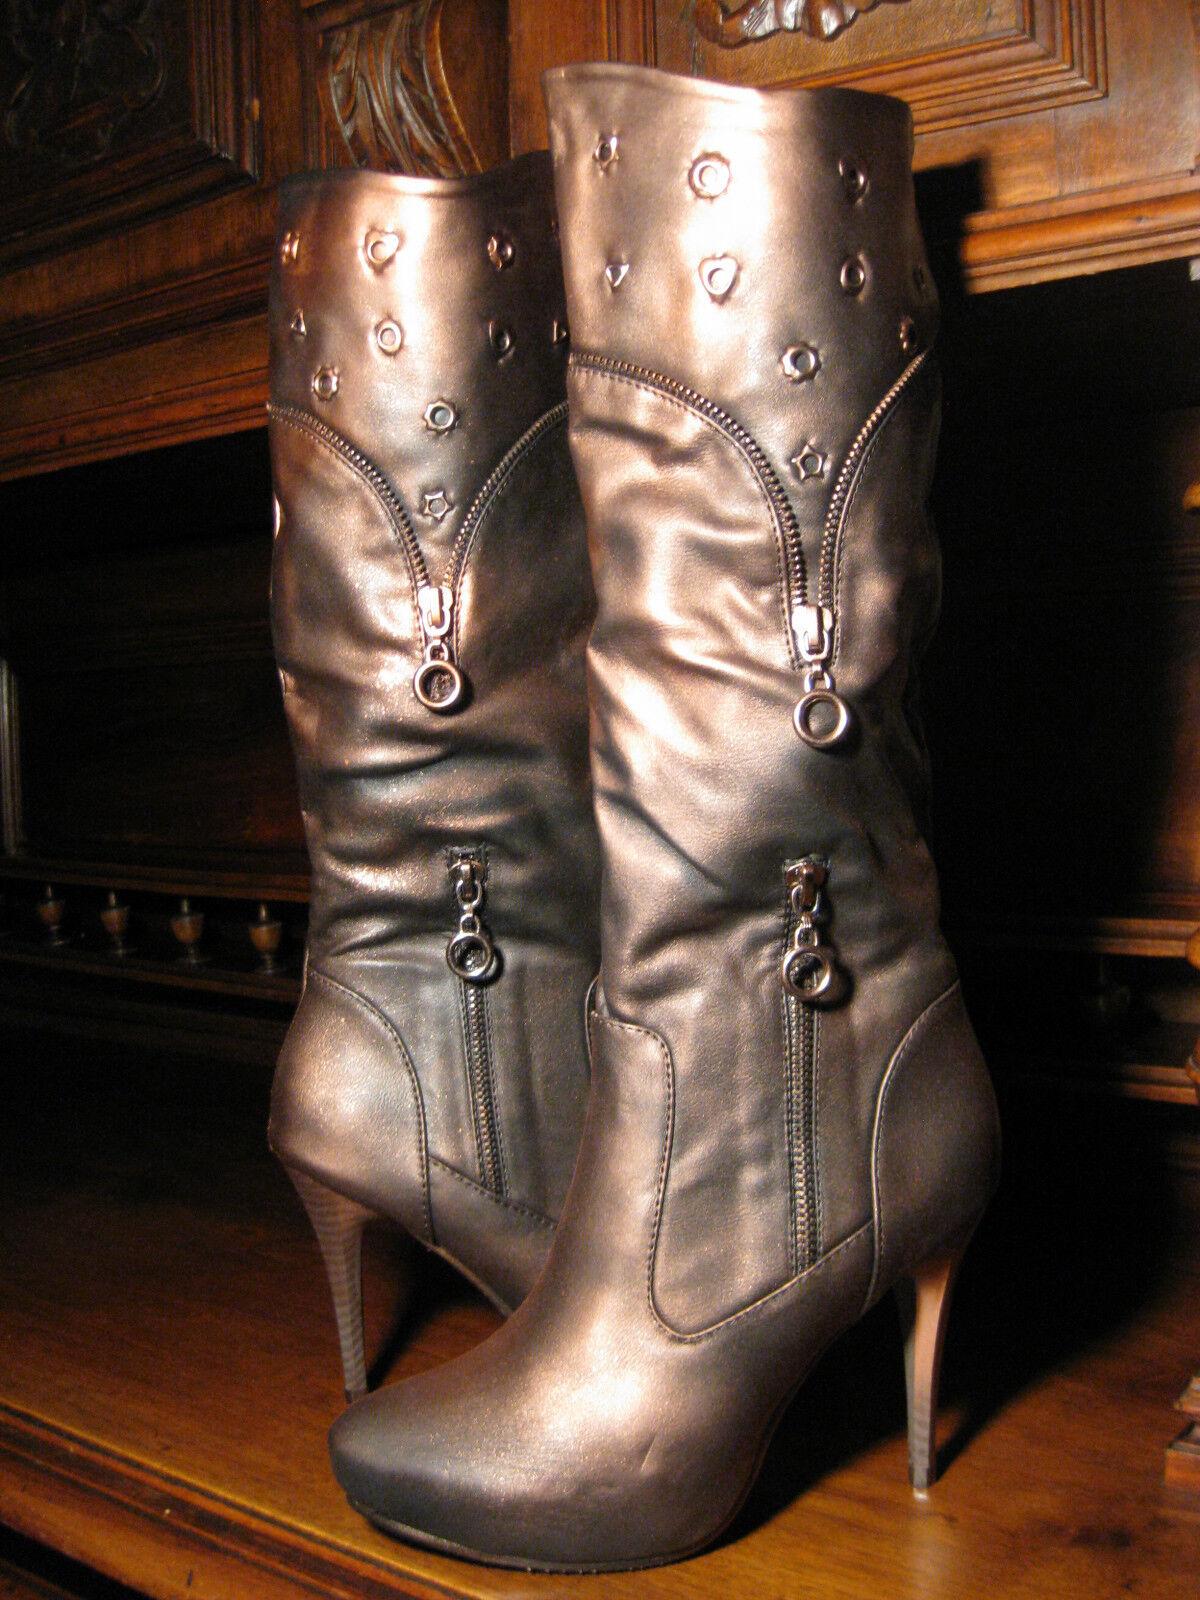 Steampunk gothic Victorian Stiefel renaissance Stiefel vintage LARP Stiefel Victorian Stiefeletten fda9de